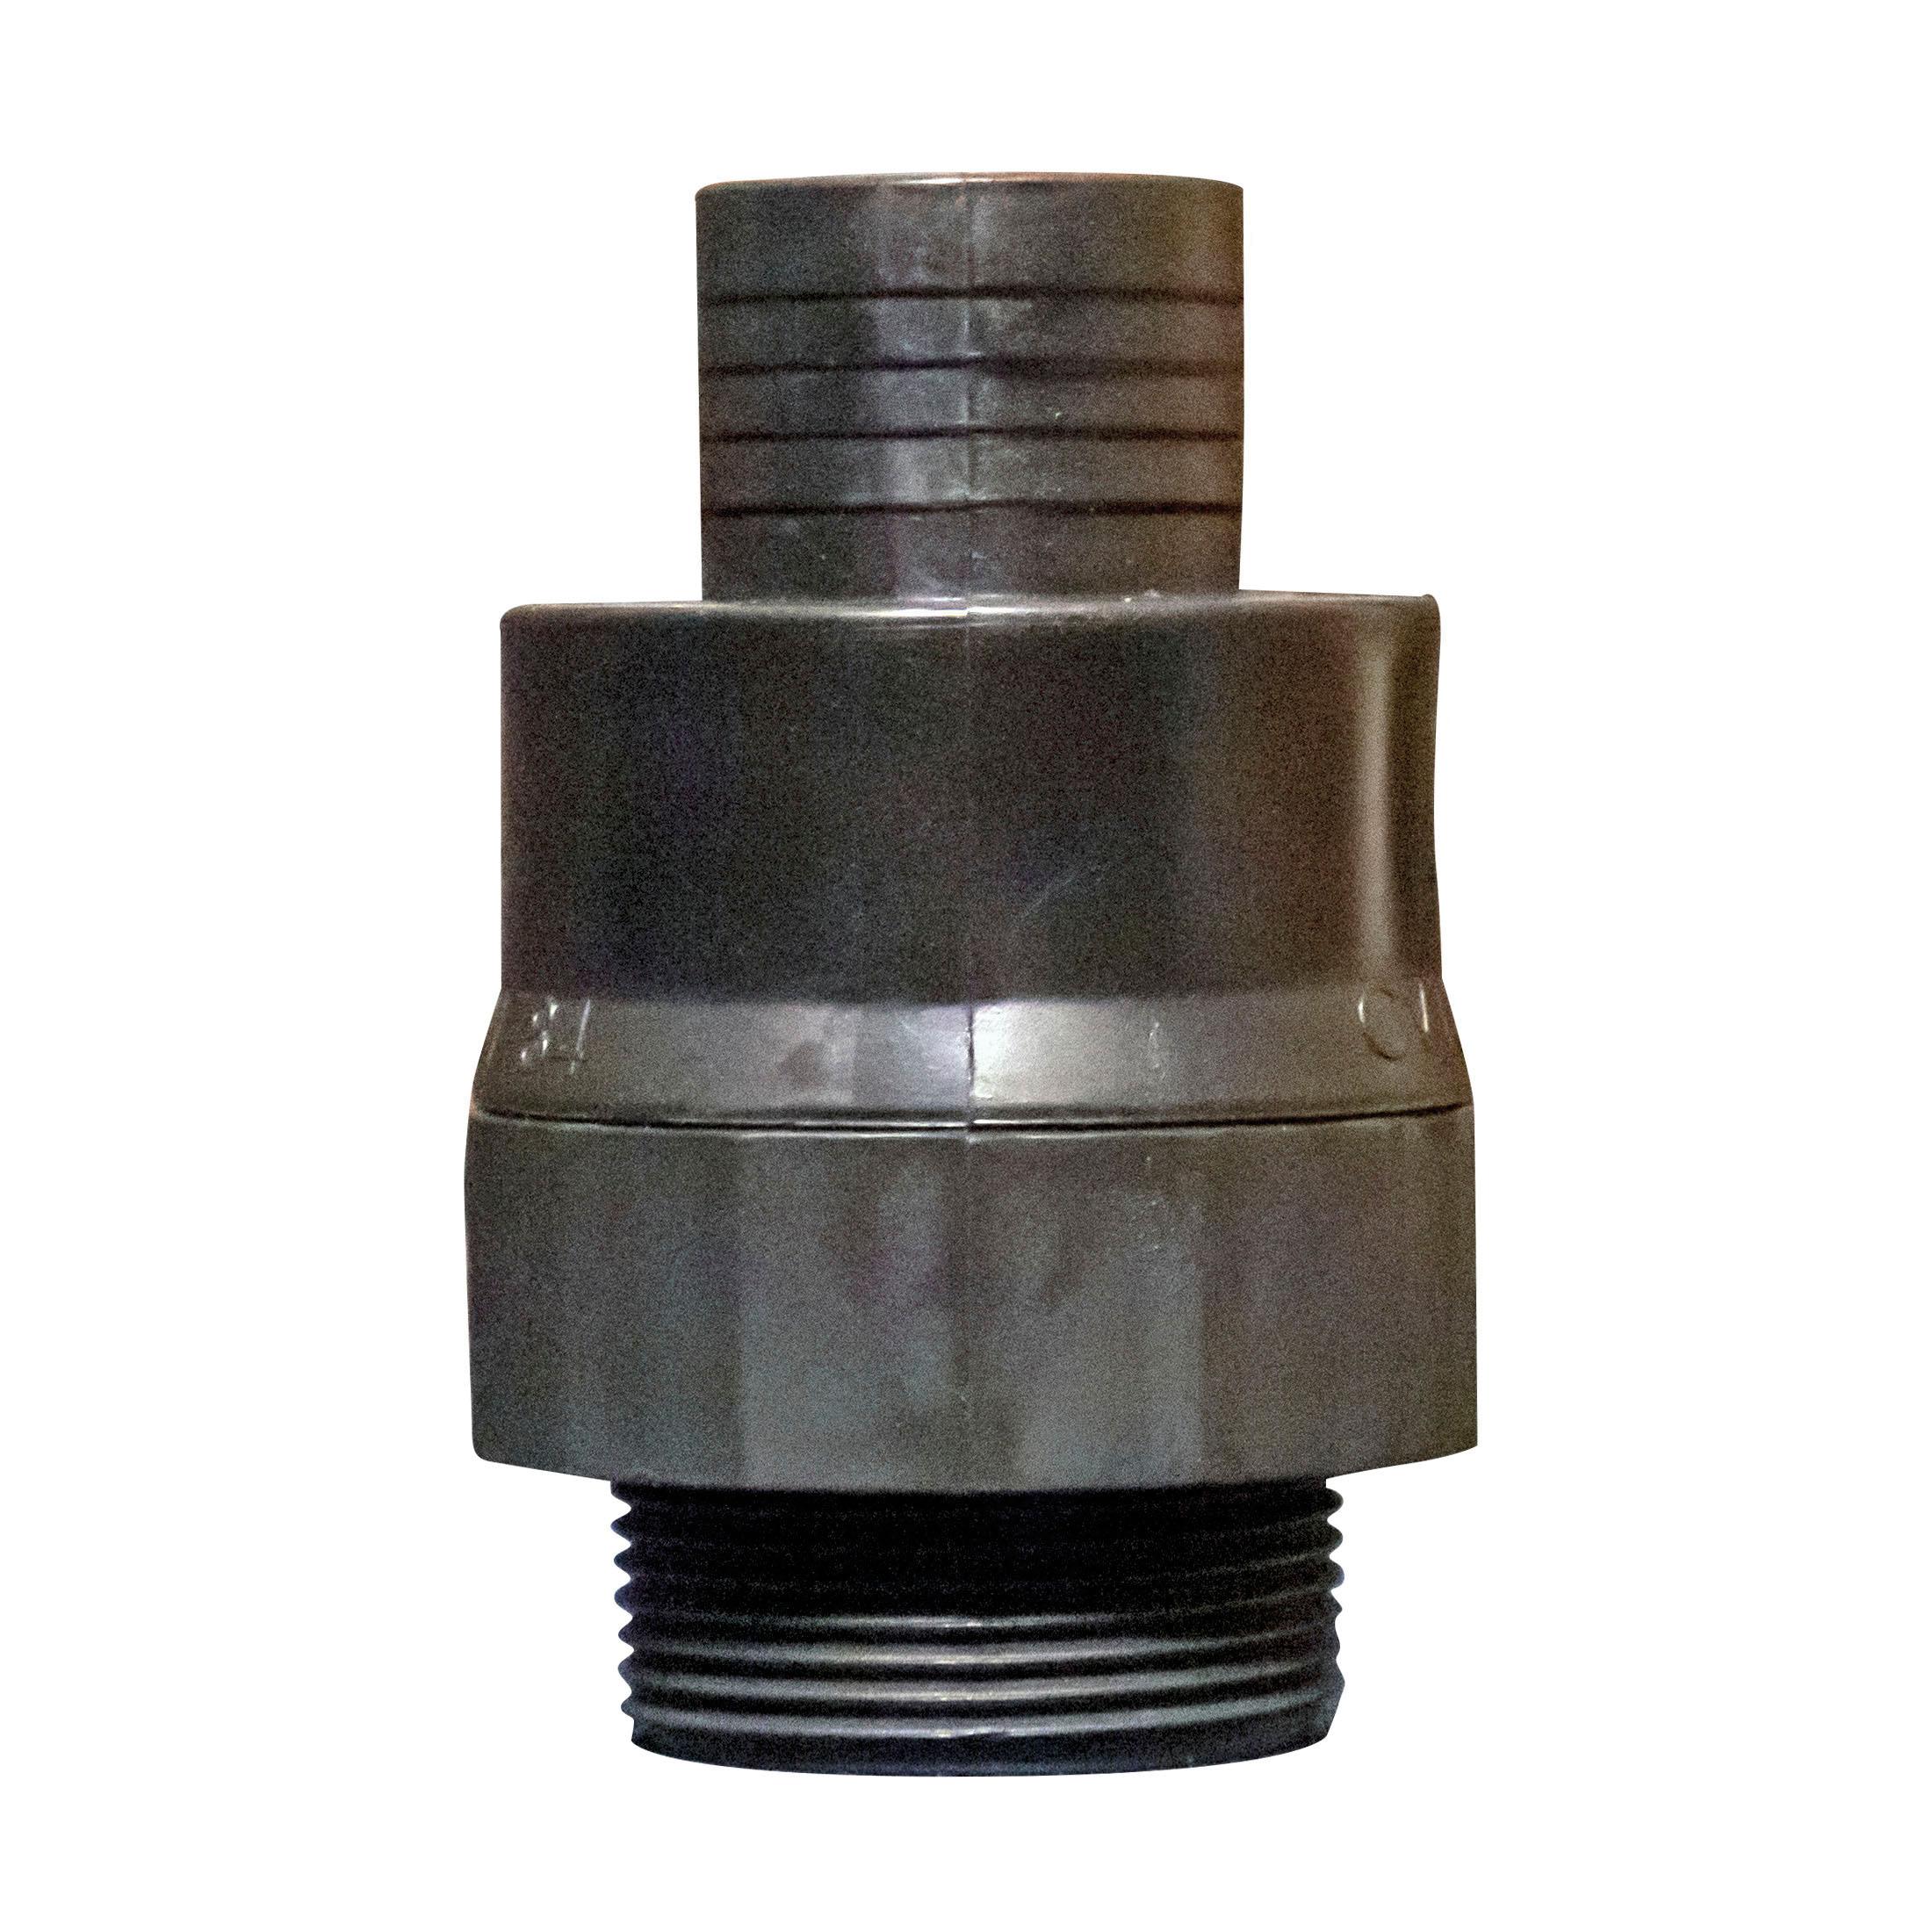 Liberty Pumps® CV300C Check Valve, 125 psi, Domestic